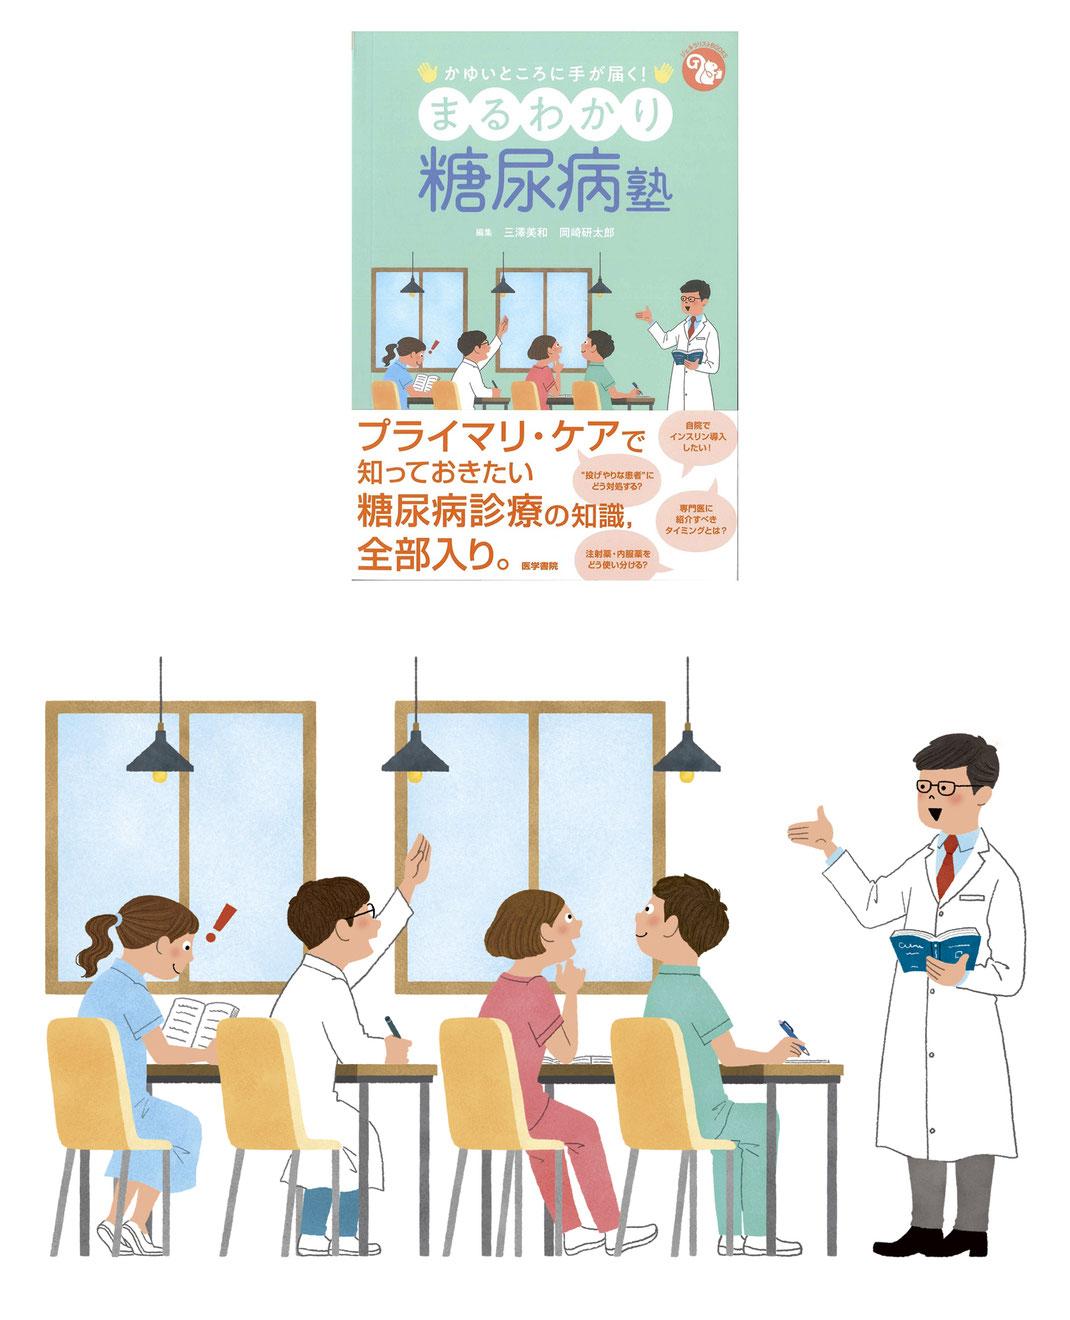 医療従事者 塾 イラスト